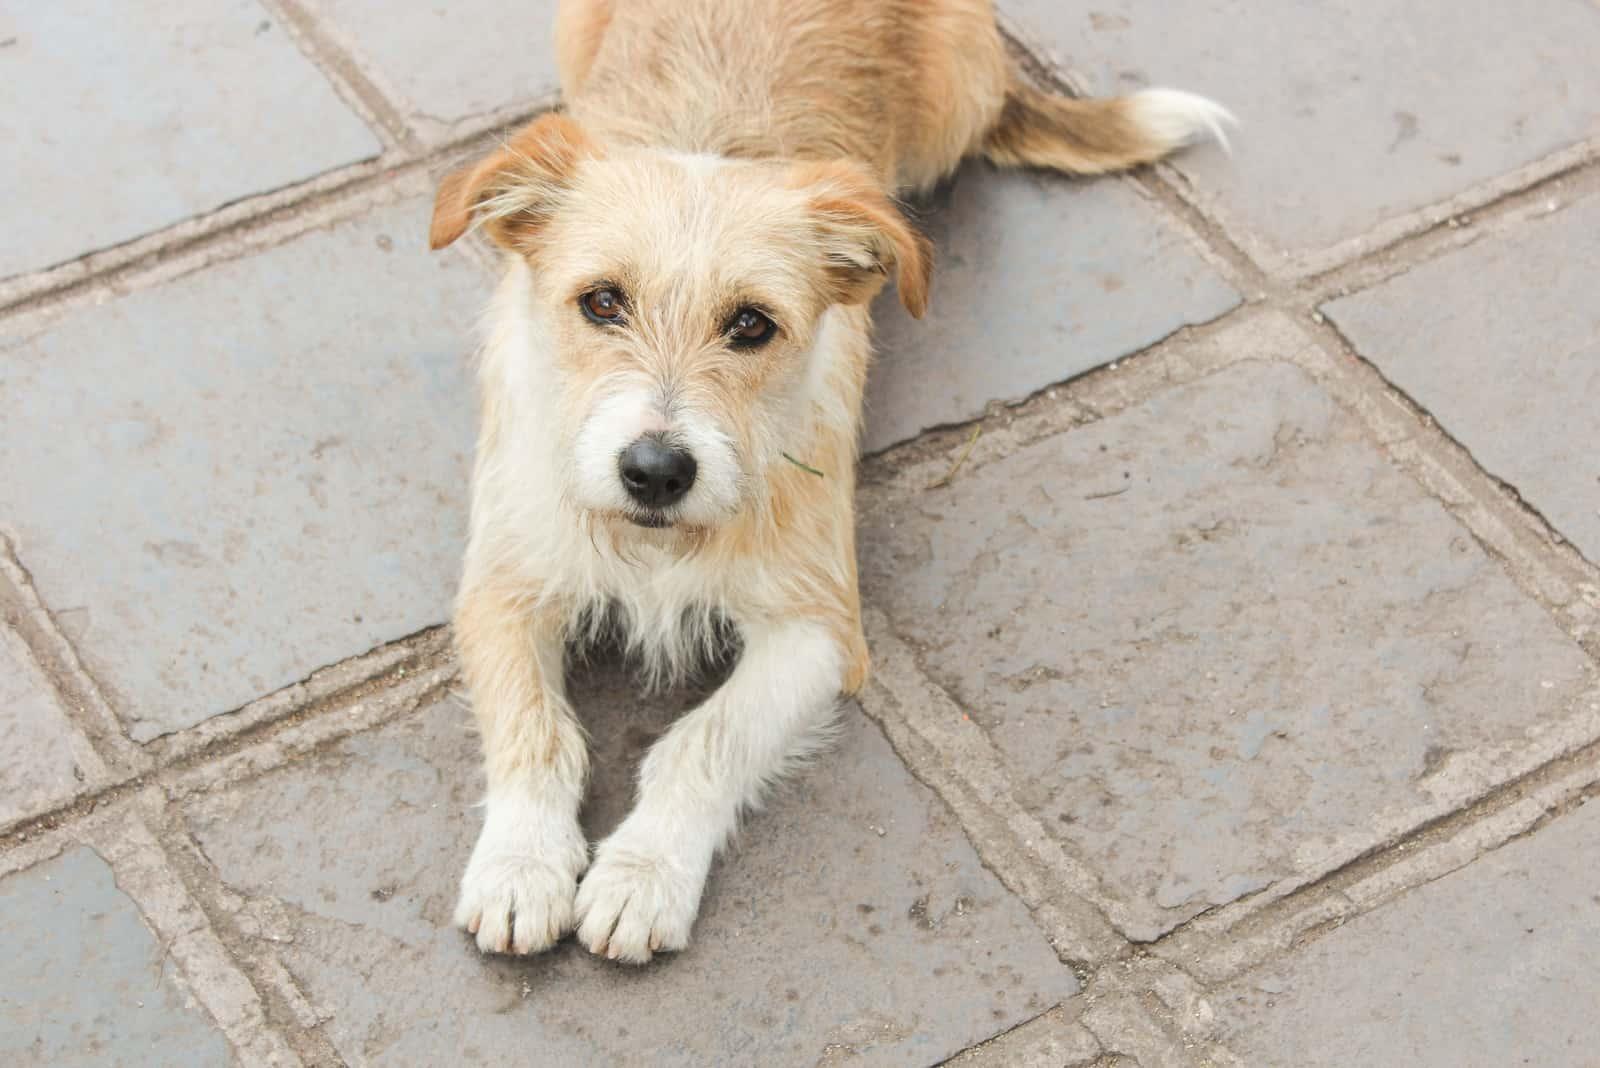 Kromfohrländer Hund am Boden liegend